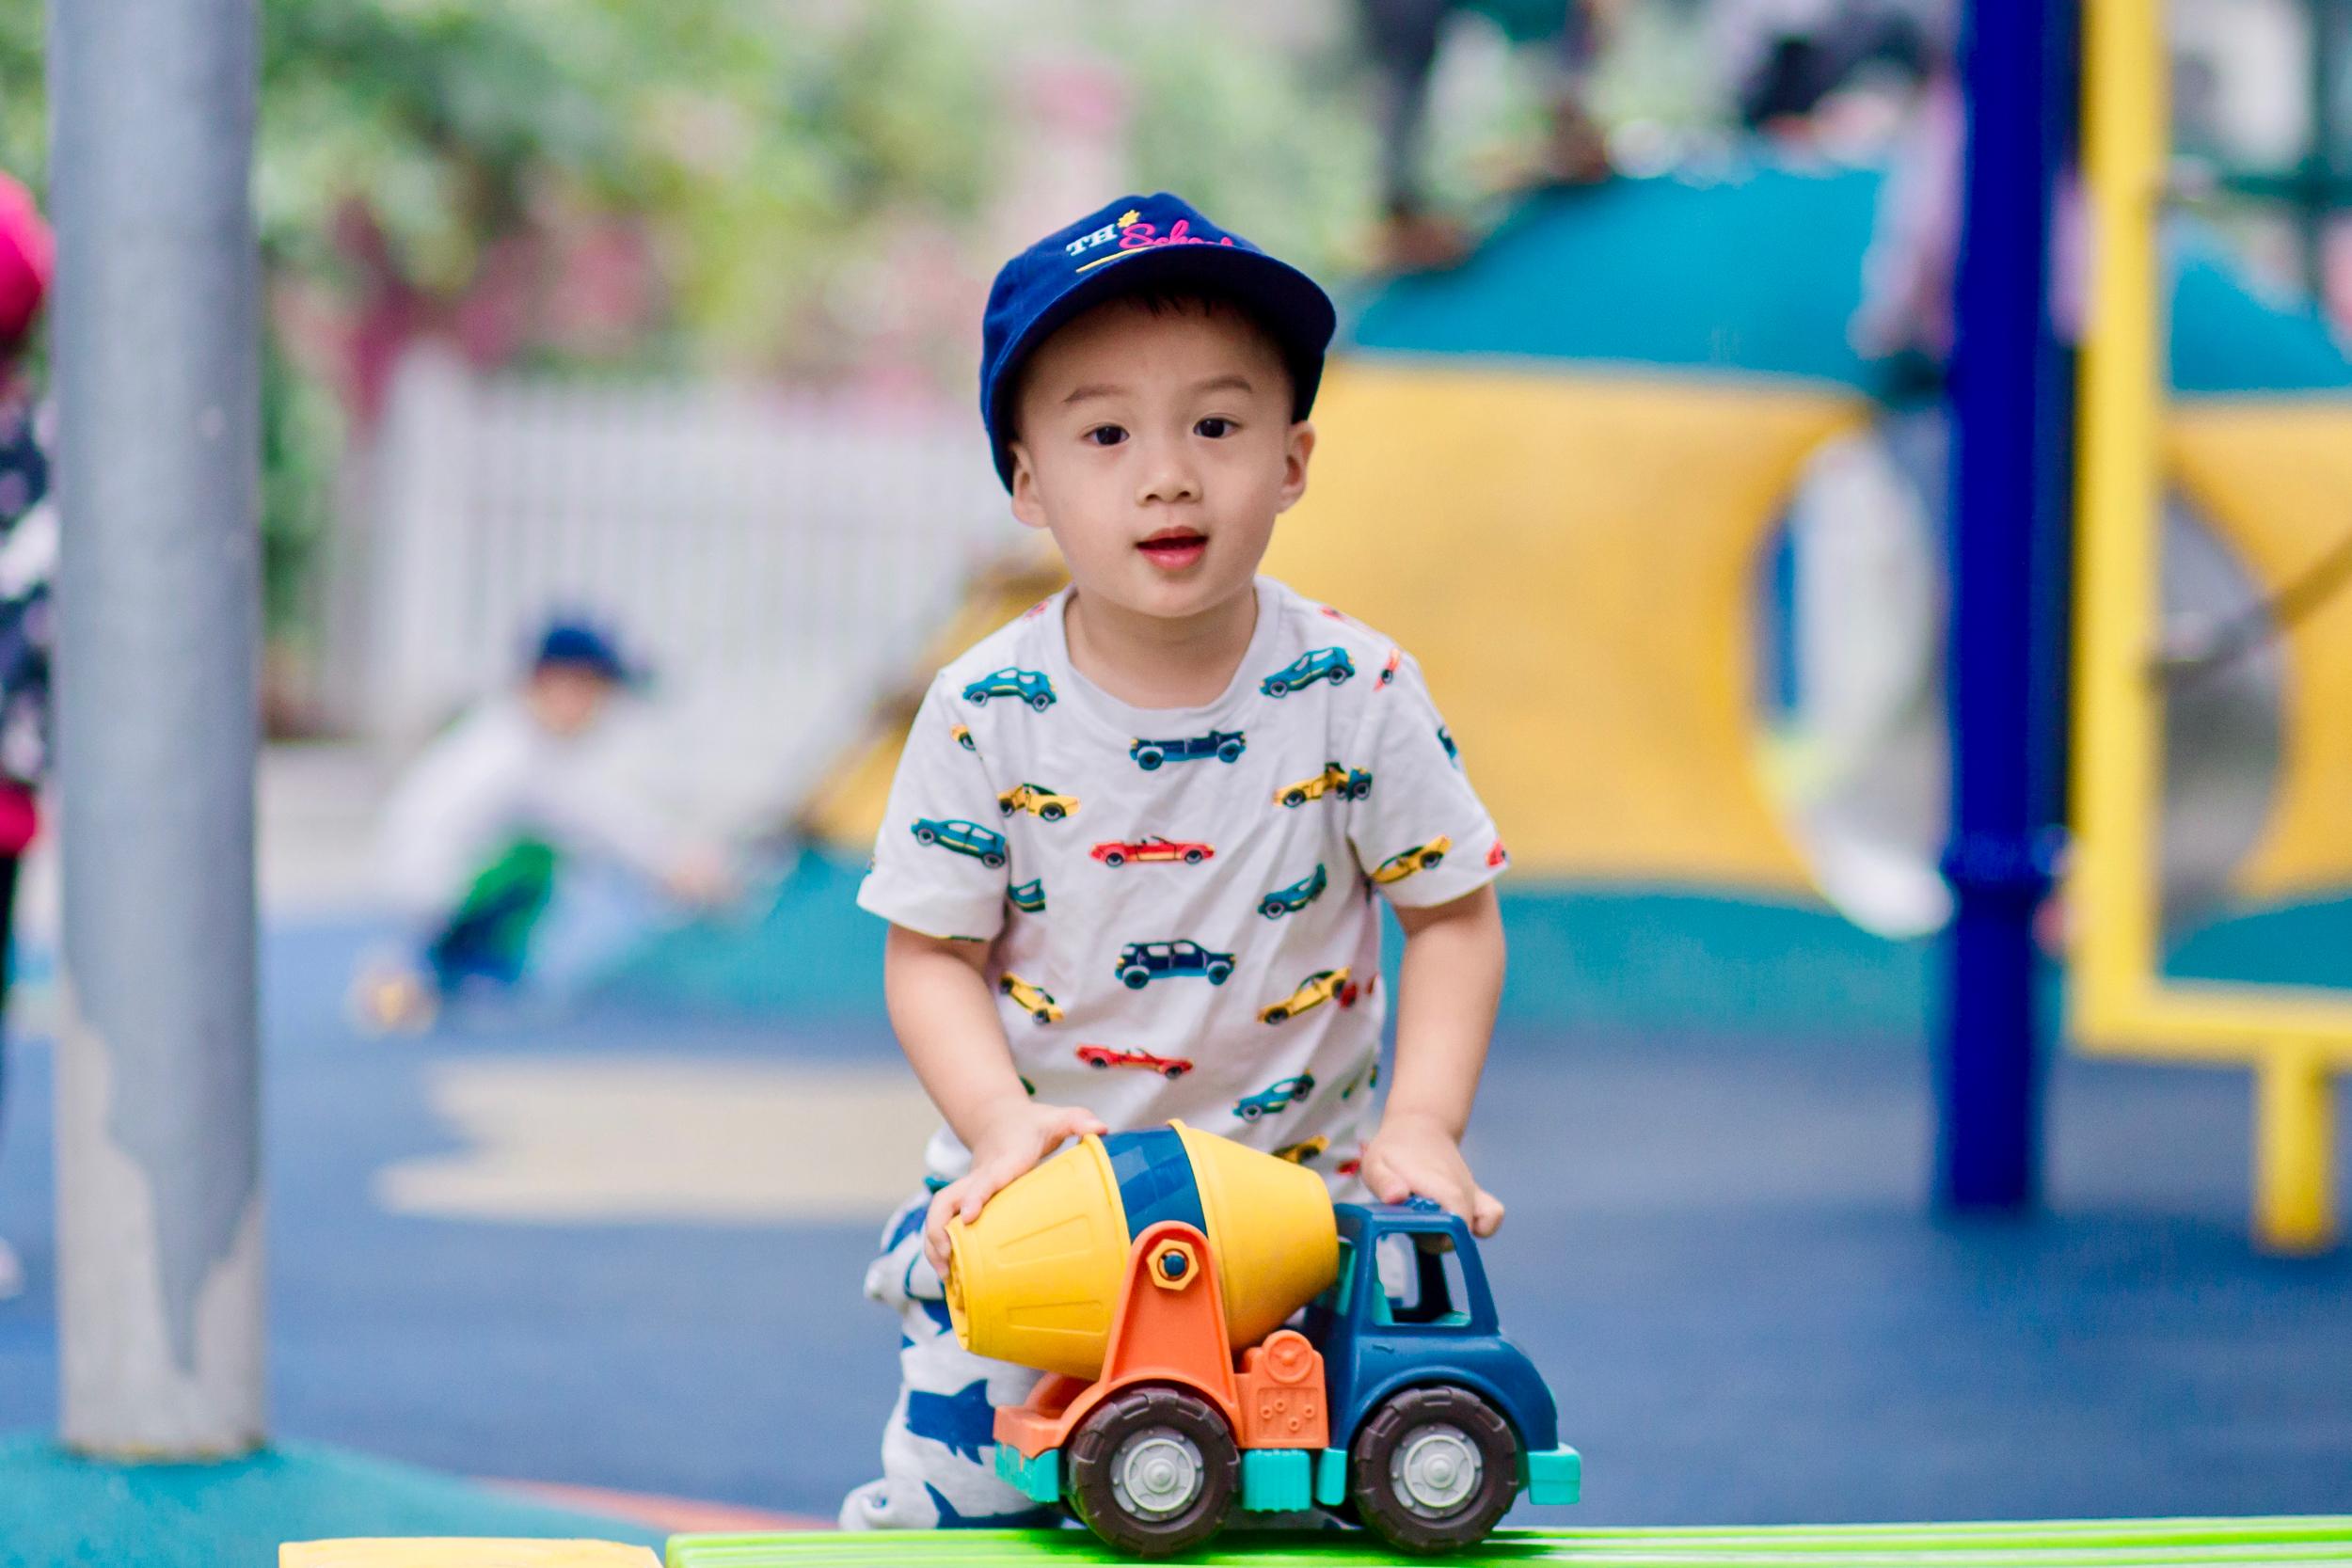 KG playground boy.jpg